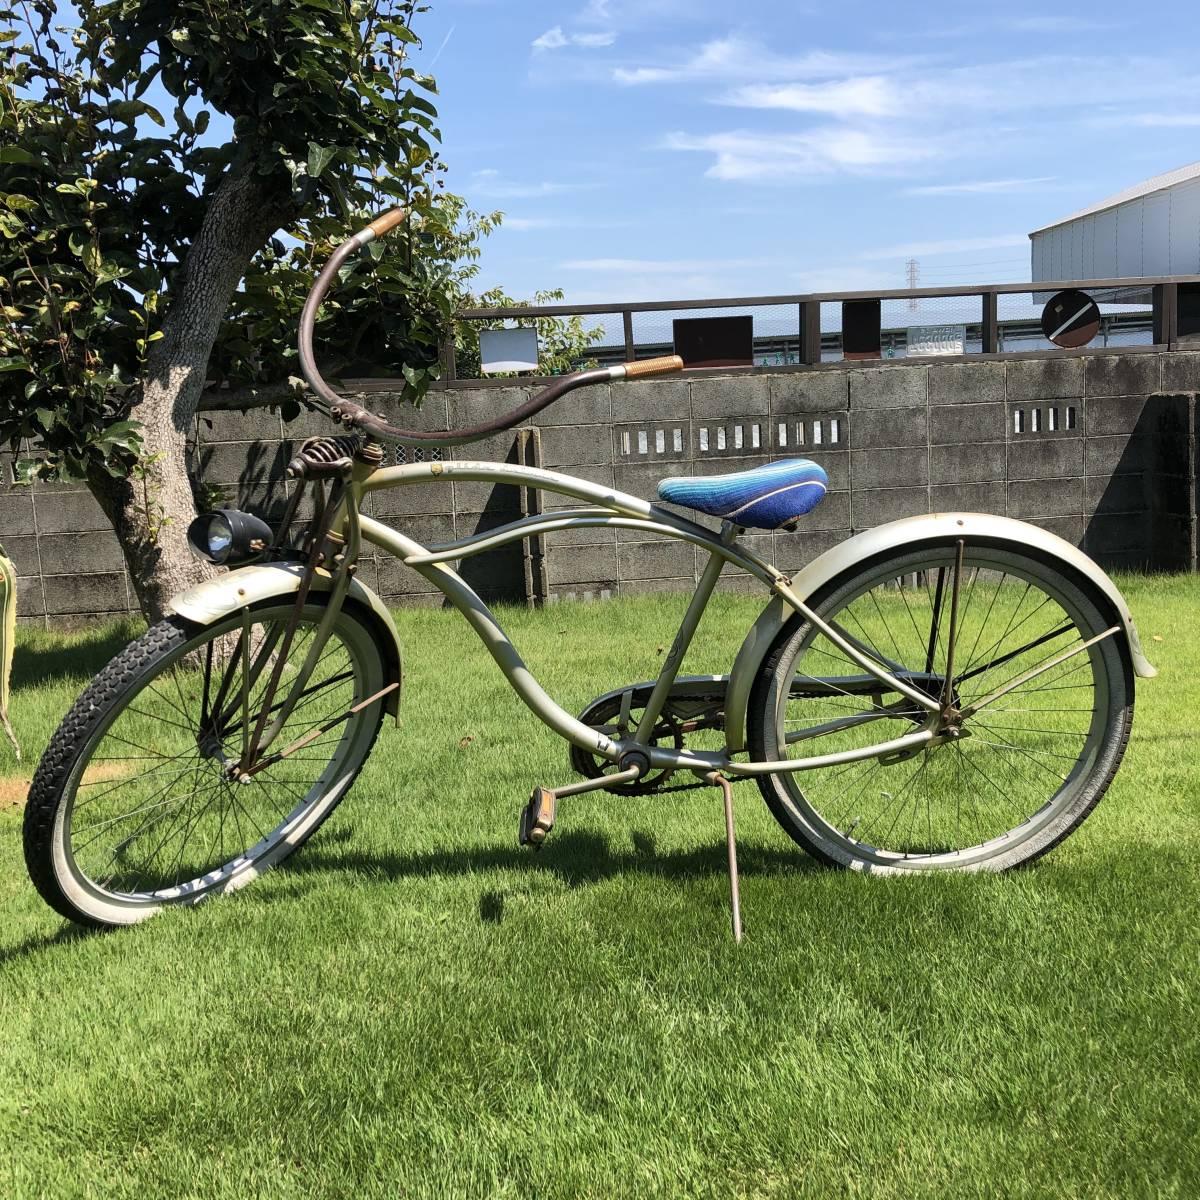 シュウィン ビンテージ 限定車 オリジナル ビーチクルーザー サーフィン 自転車 実働車 アメリカン ローチャリ